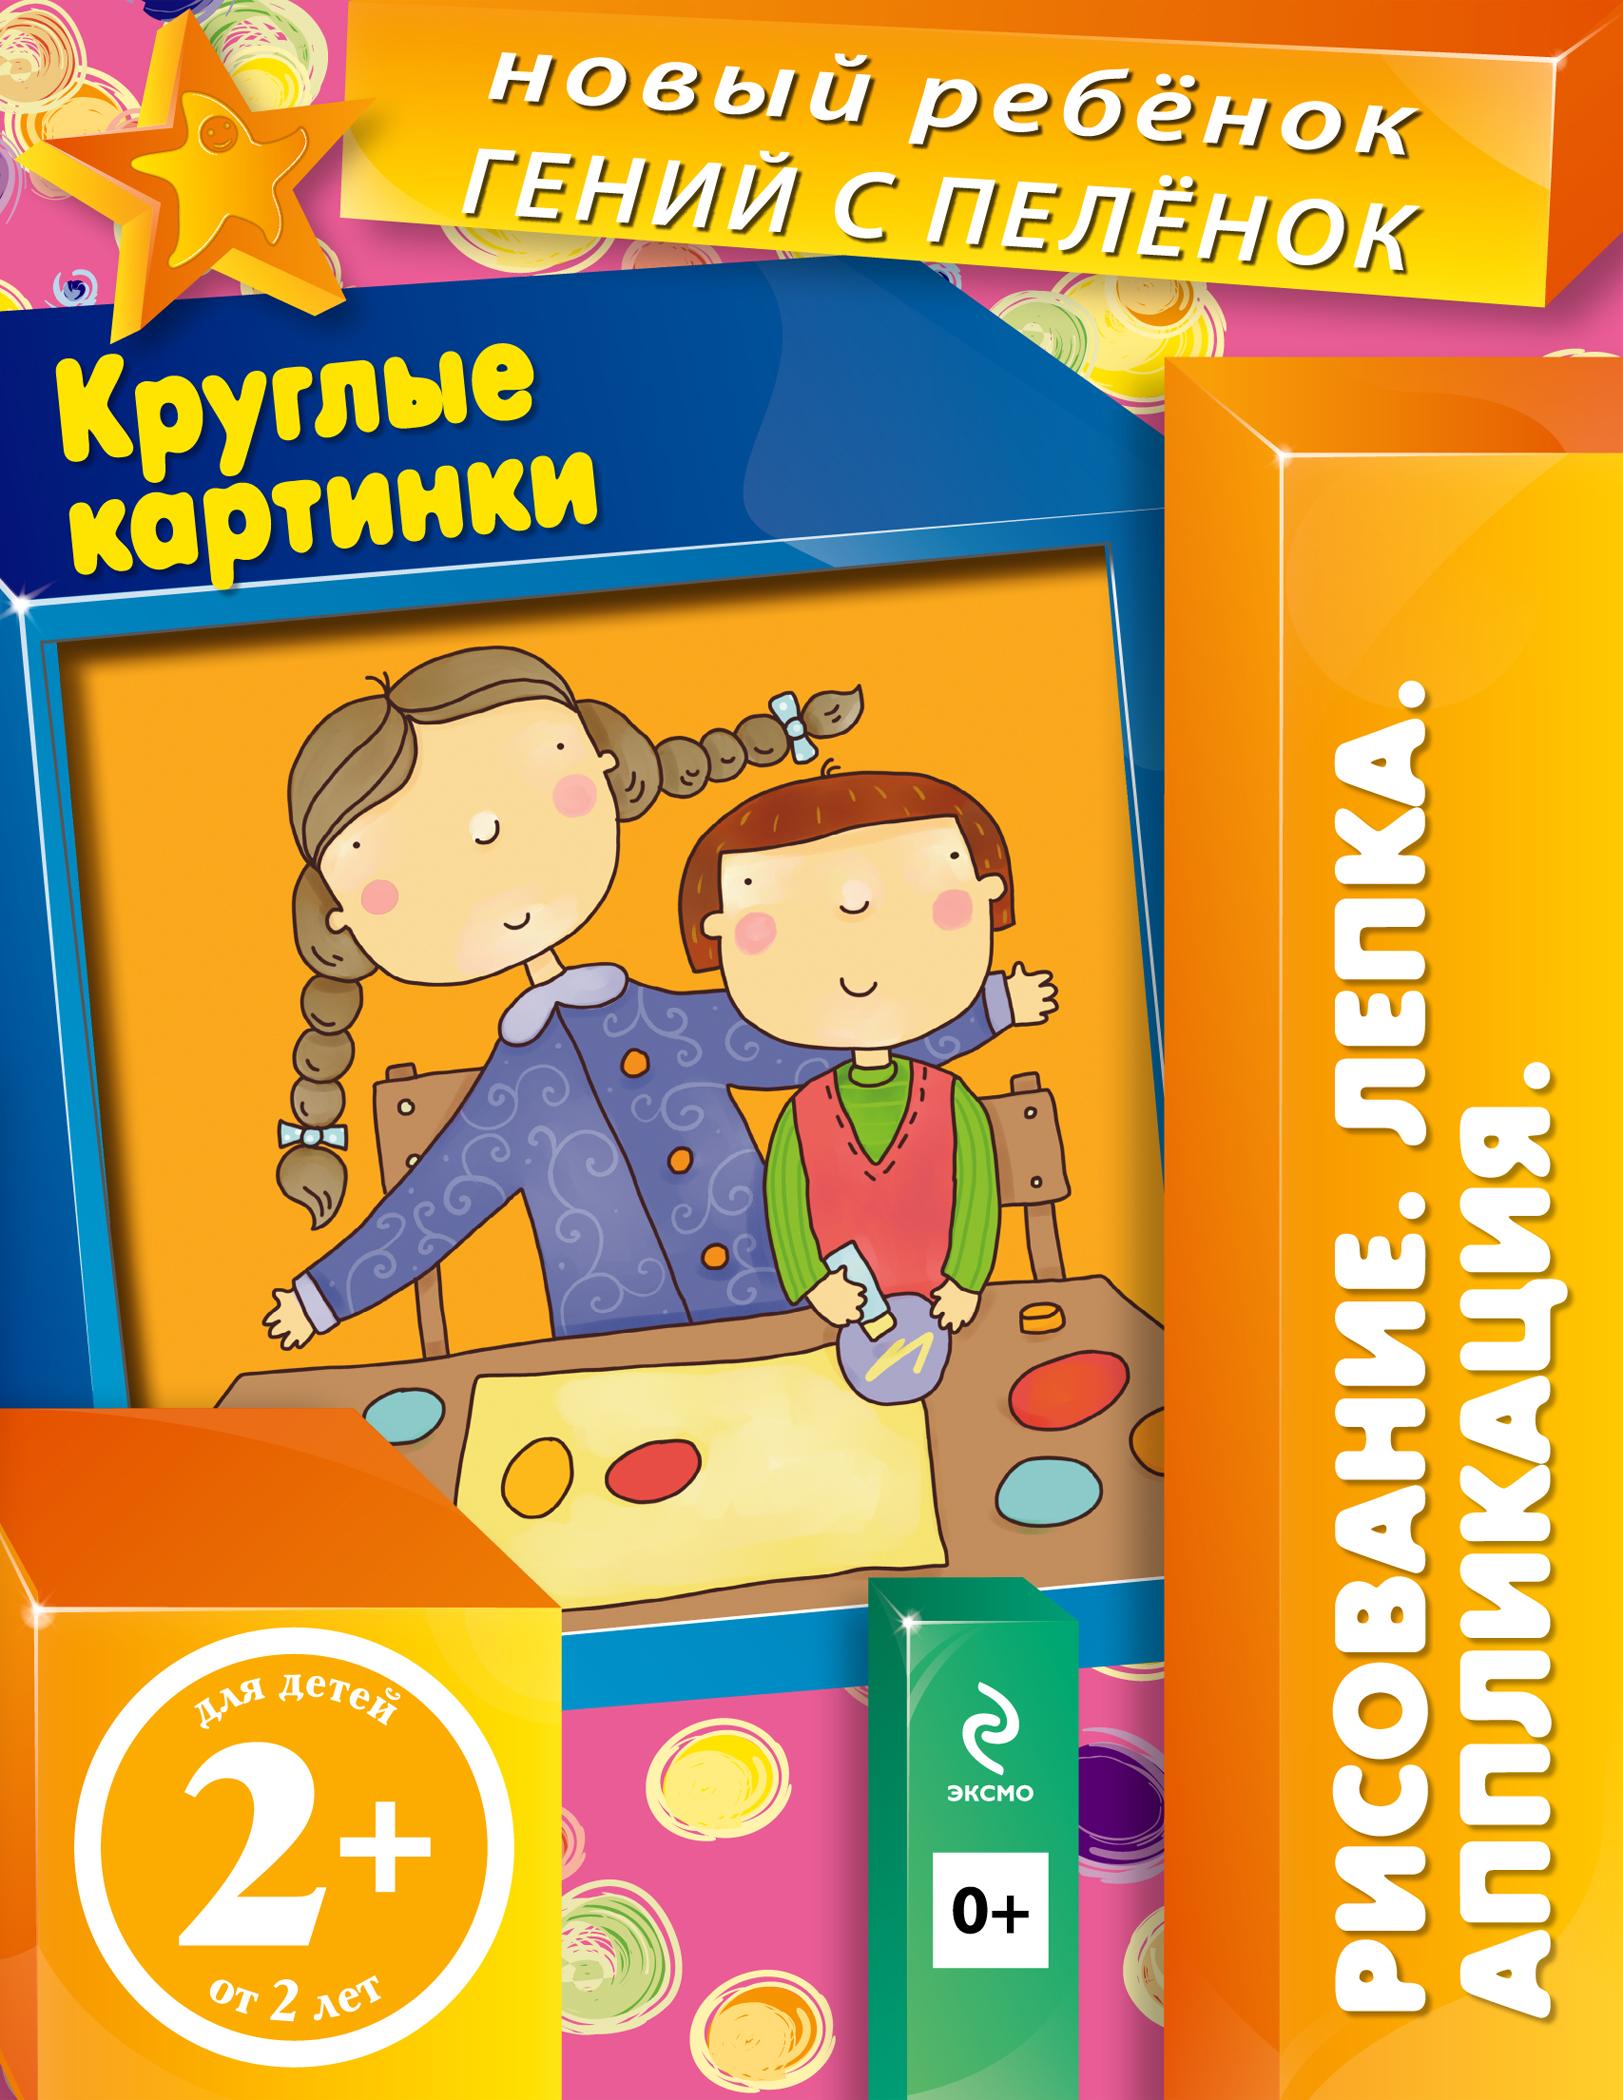 Янушко Е.А. 2+ Круглые картинки (+ вкладка-аппликация) янушко е круглые картинки аппликация для детей от 2 лет